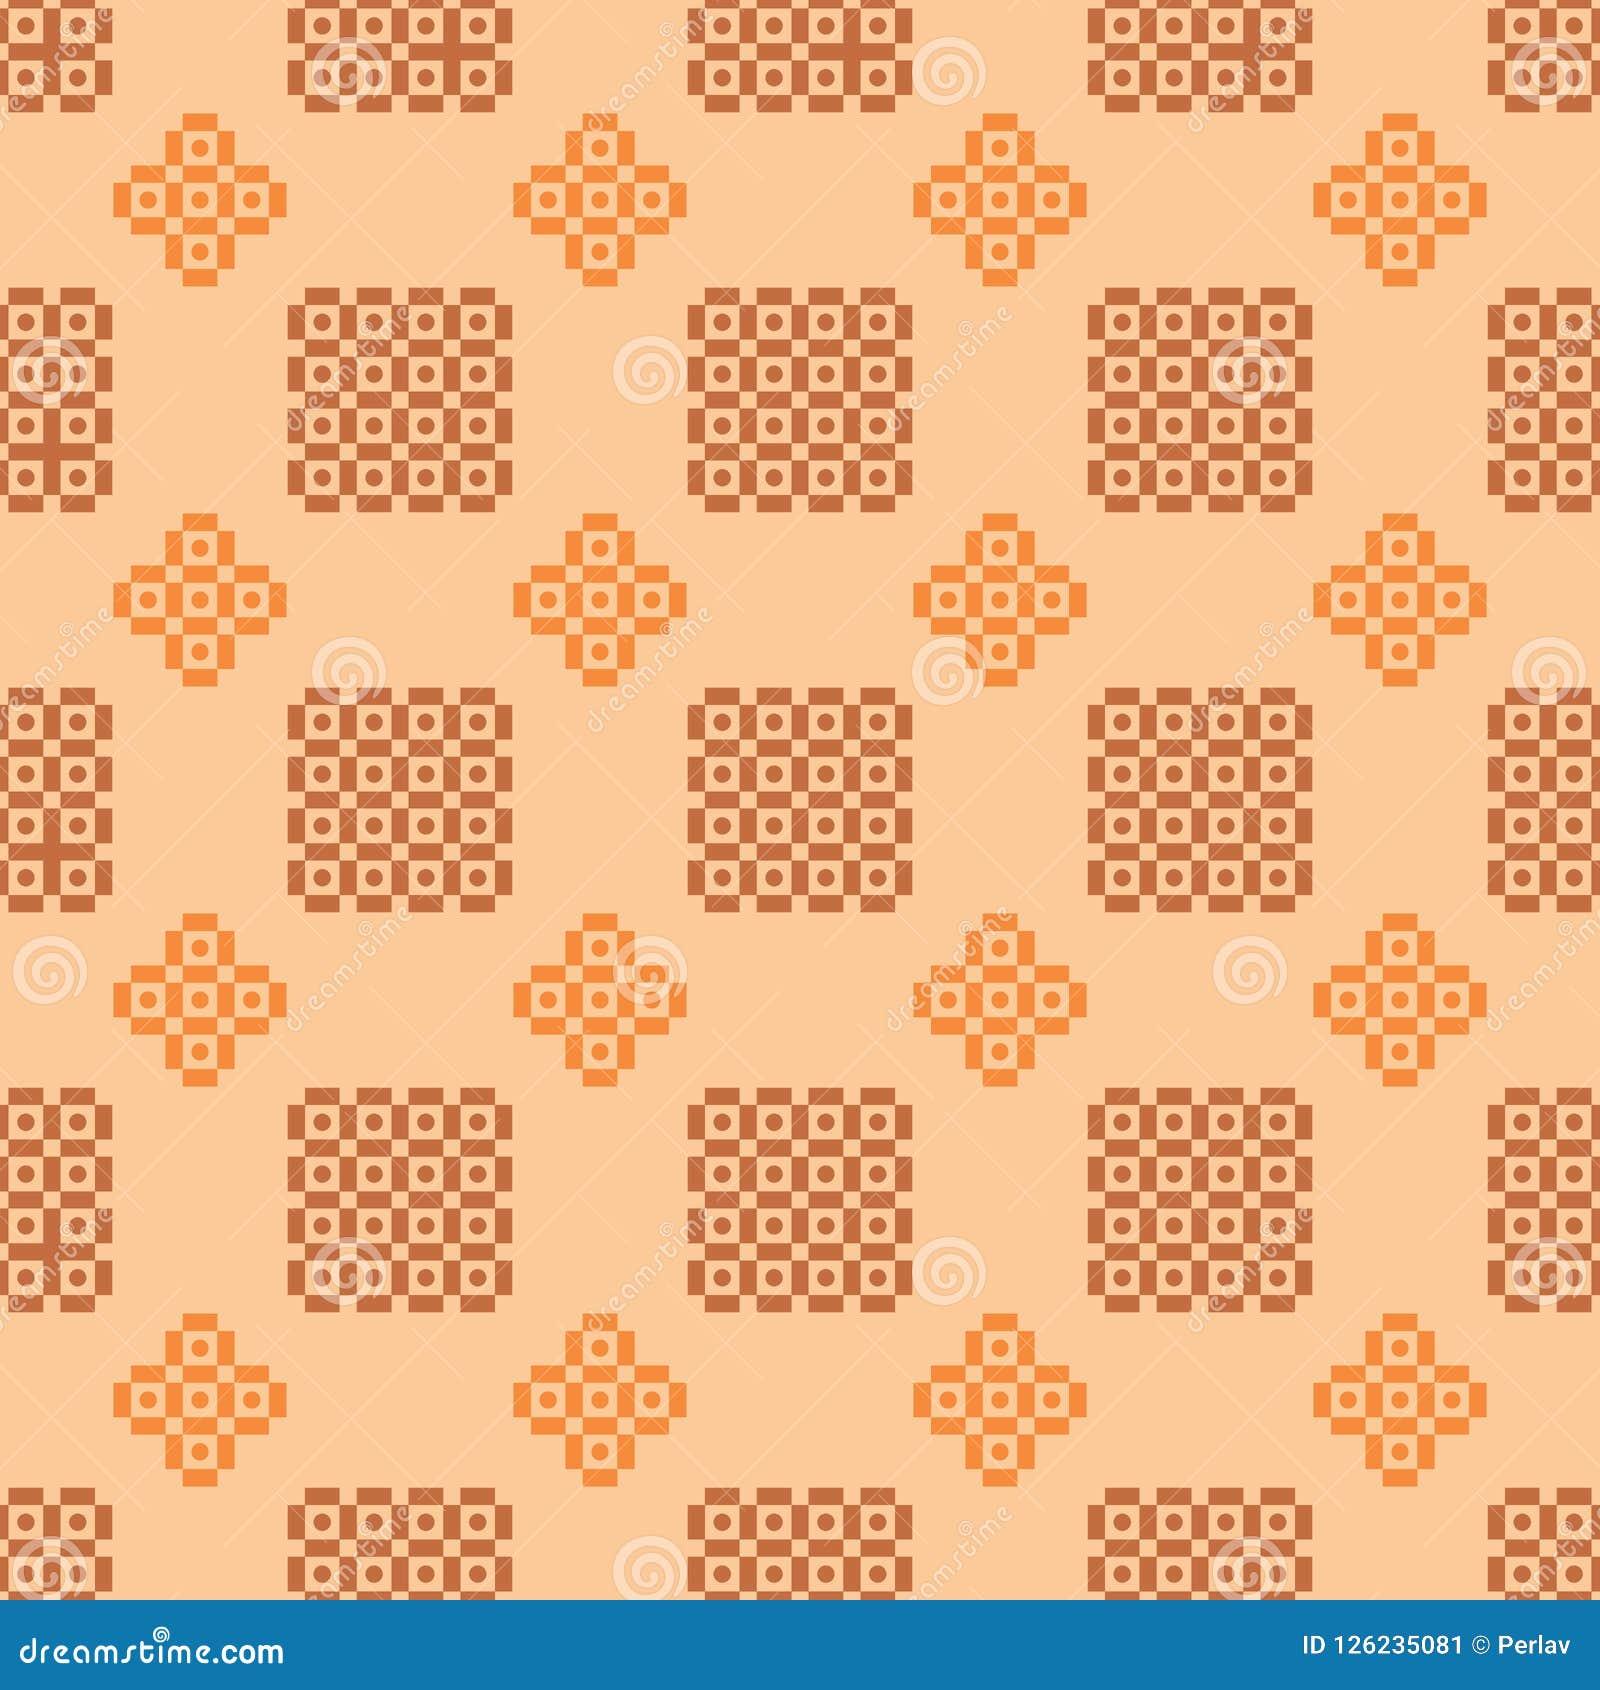 Geometric pattern in warm colours